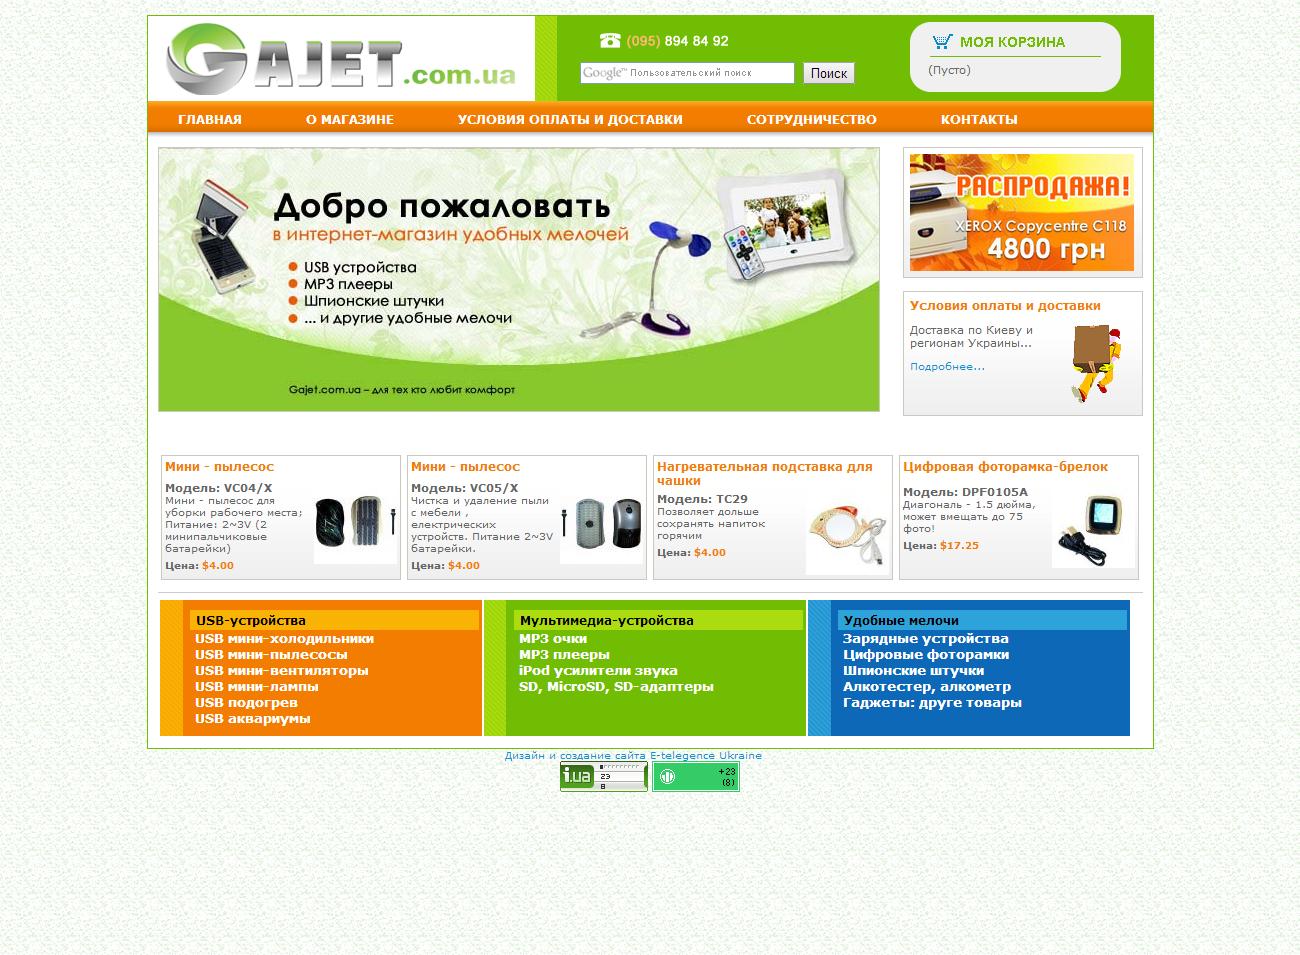 Интернет-магазин гаджетов